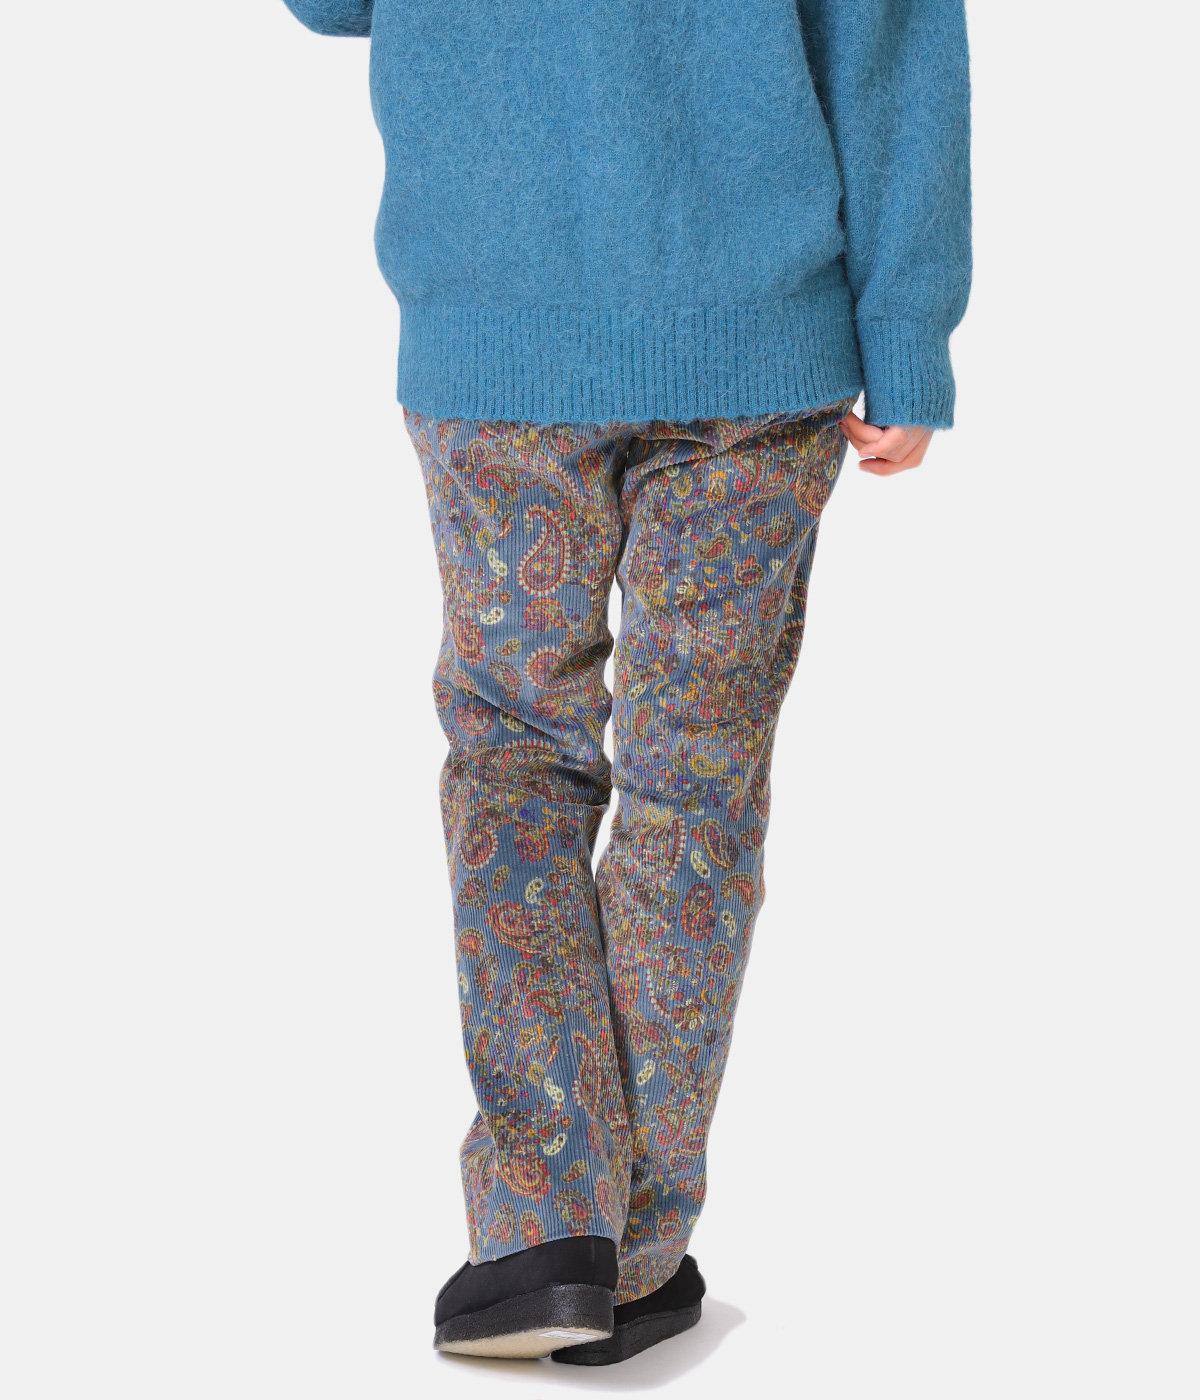 【レディース】Side Tab Trouser - C/Pu 8W Corduroy / Paisley Pt.